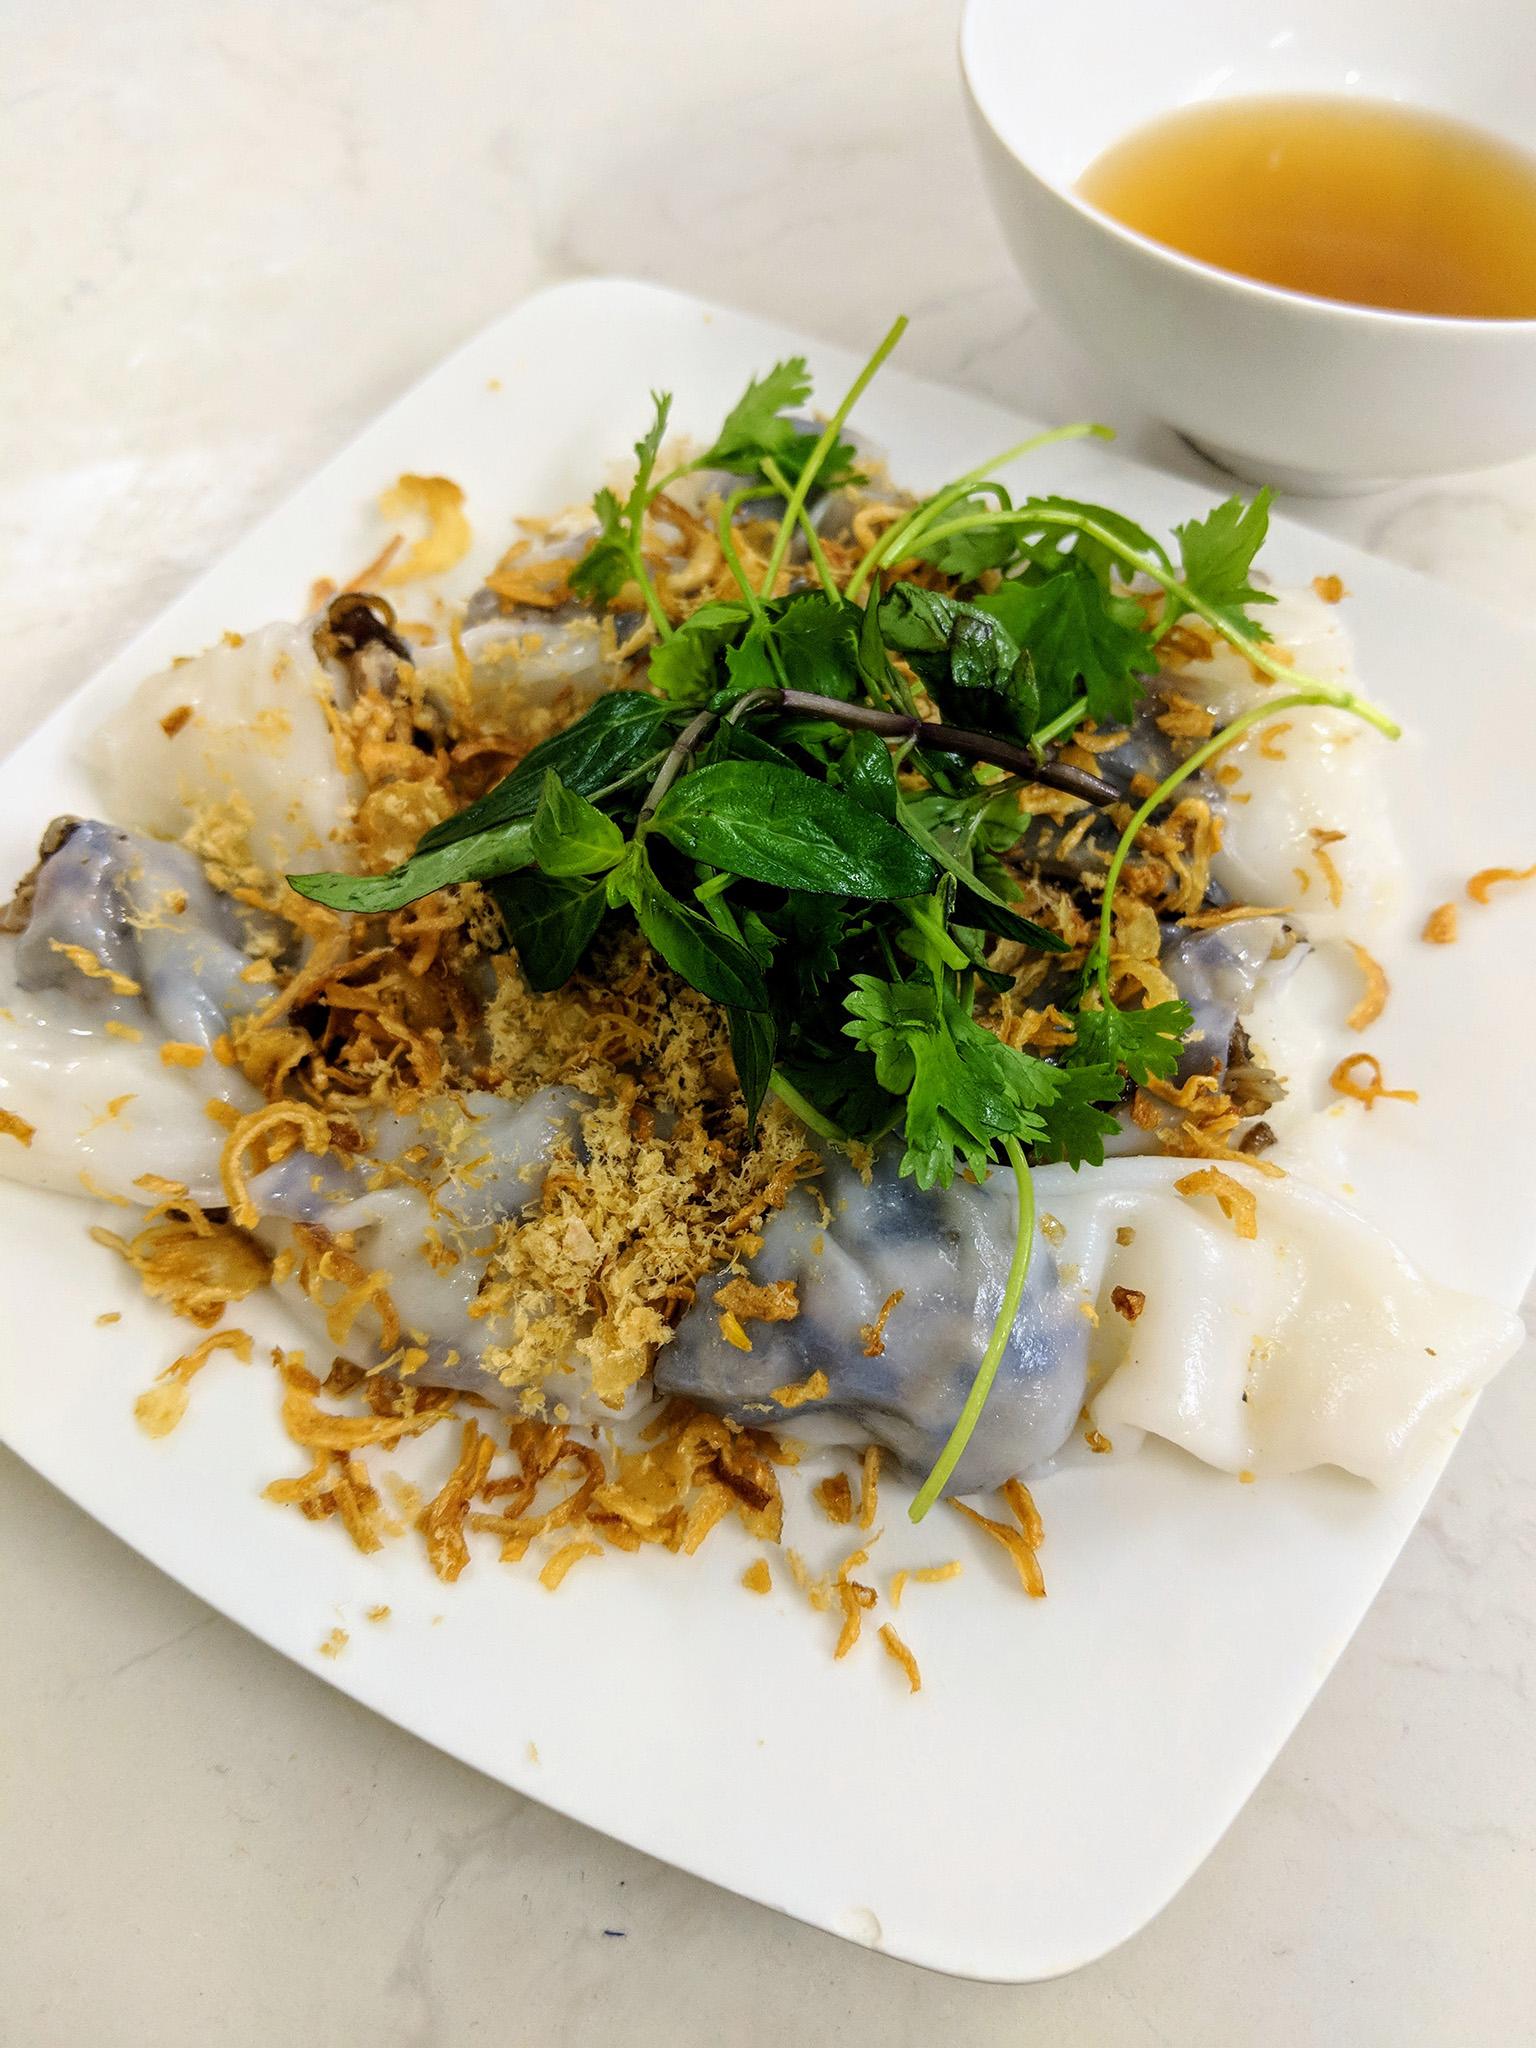 Bánh Cuốn, savory rice crepes stuffed with pork, at Bánh Cuốn Gia Truyền Thanh Vân 14 Hàng Gà.